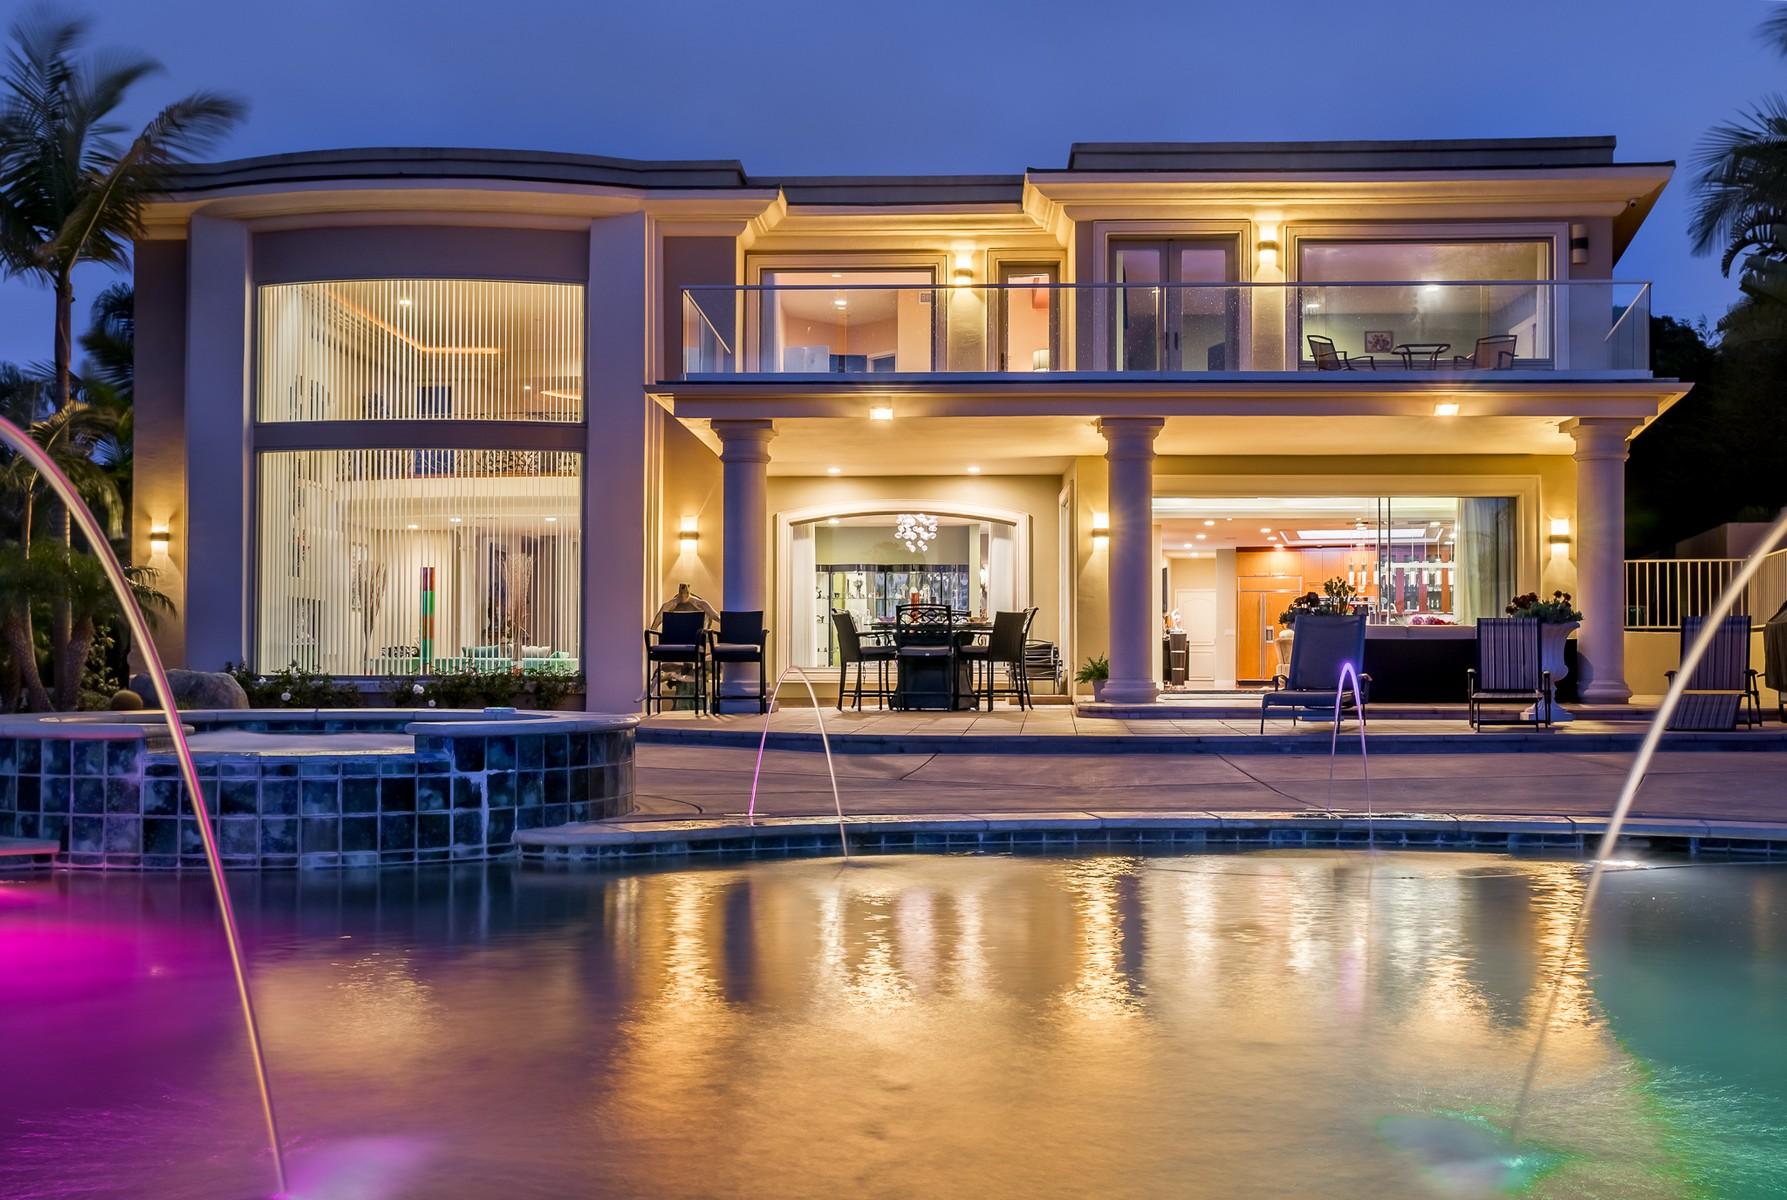 Single Family Home for Active at 6092 Avenida Chamnez 6092 Avenida Chamnez La Jolla, California 92037 United States